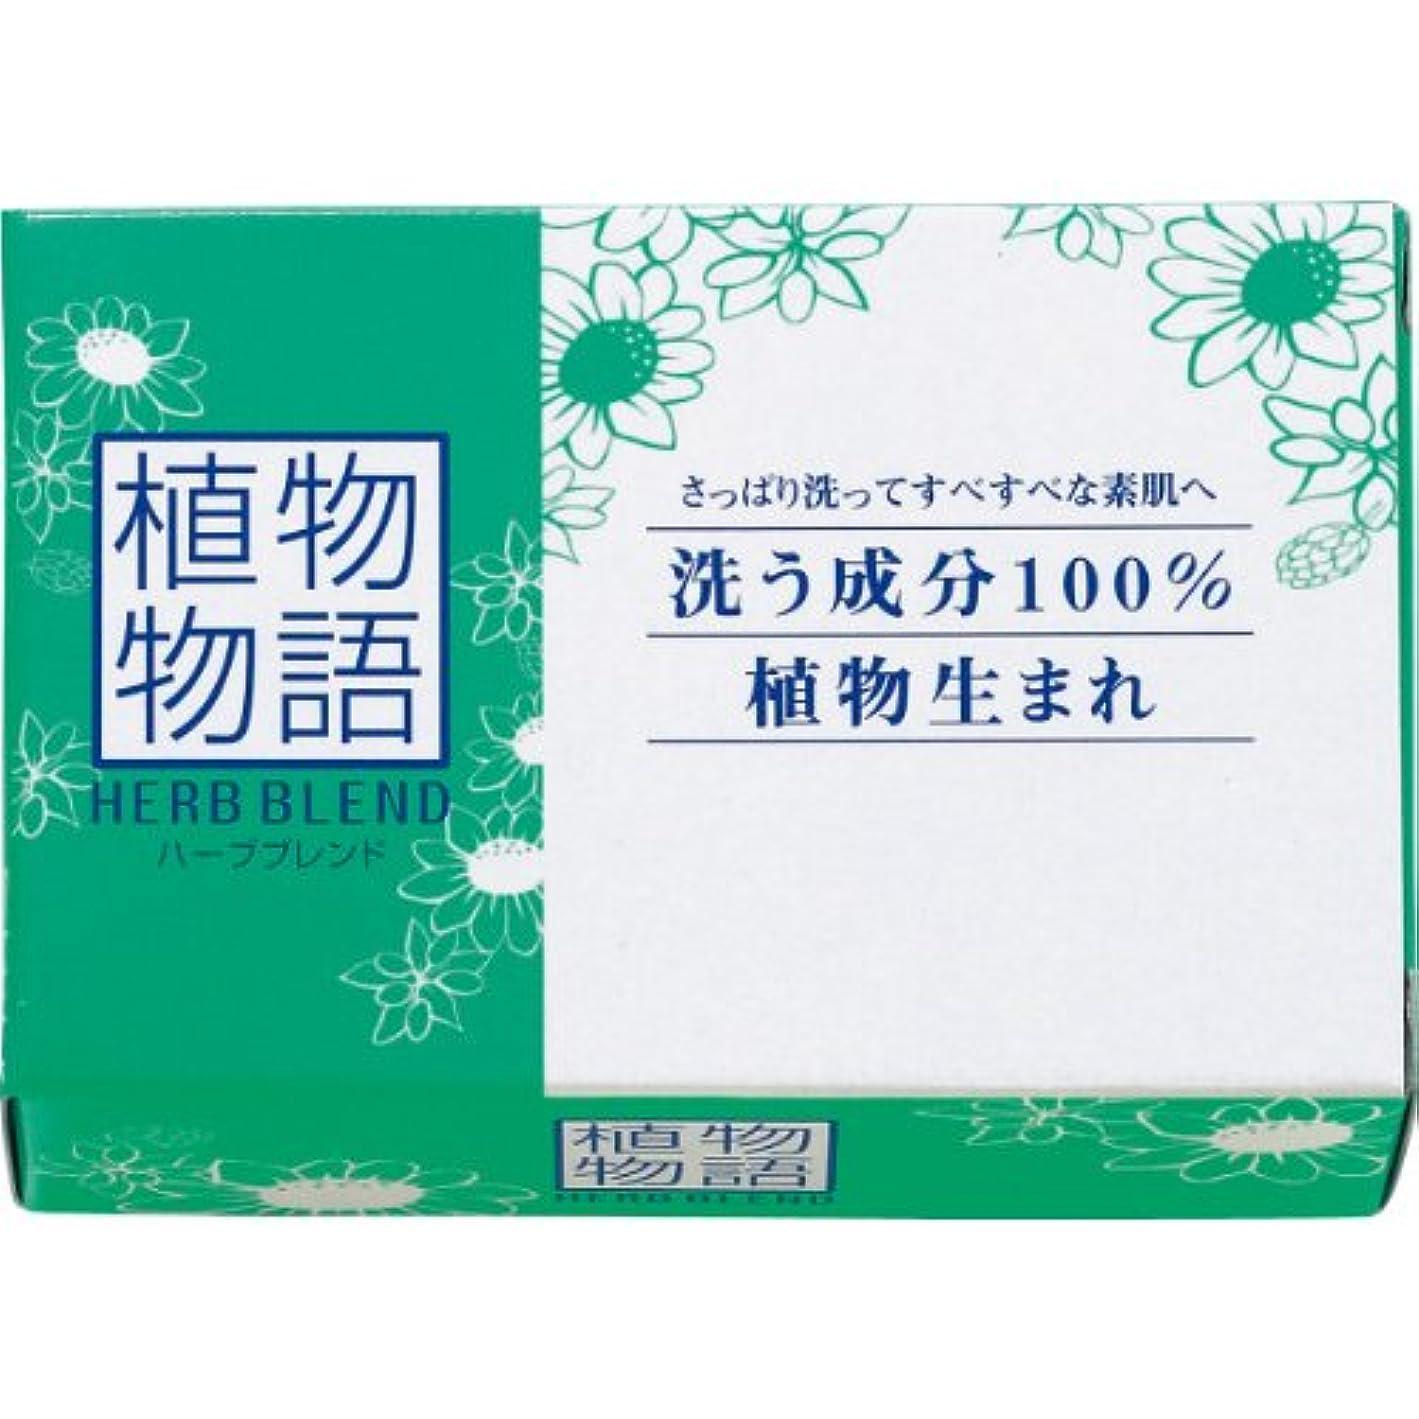 敵意合図過敏な【ライオン】植物物語ハーブブレンド 化粧石鹸 80g